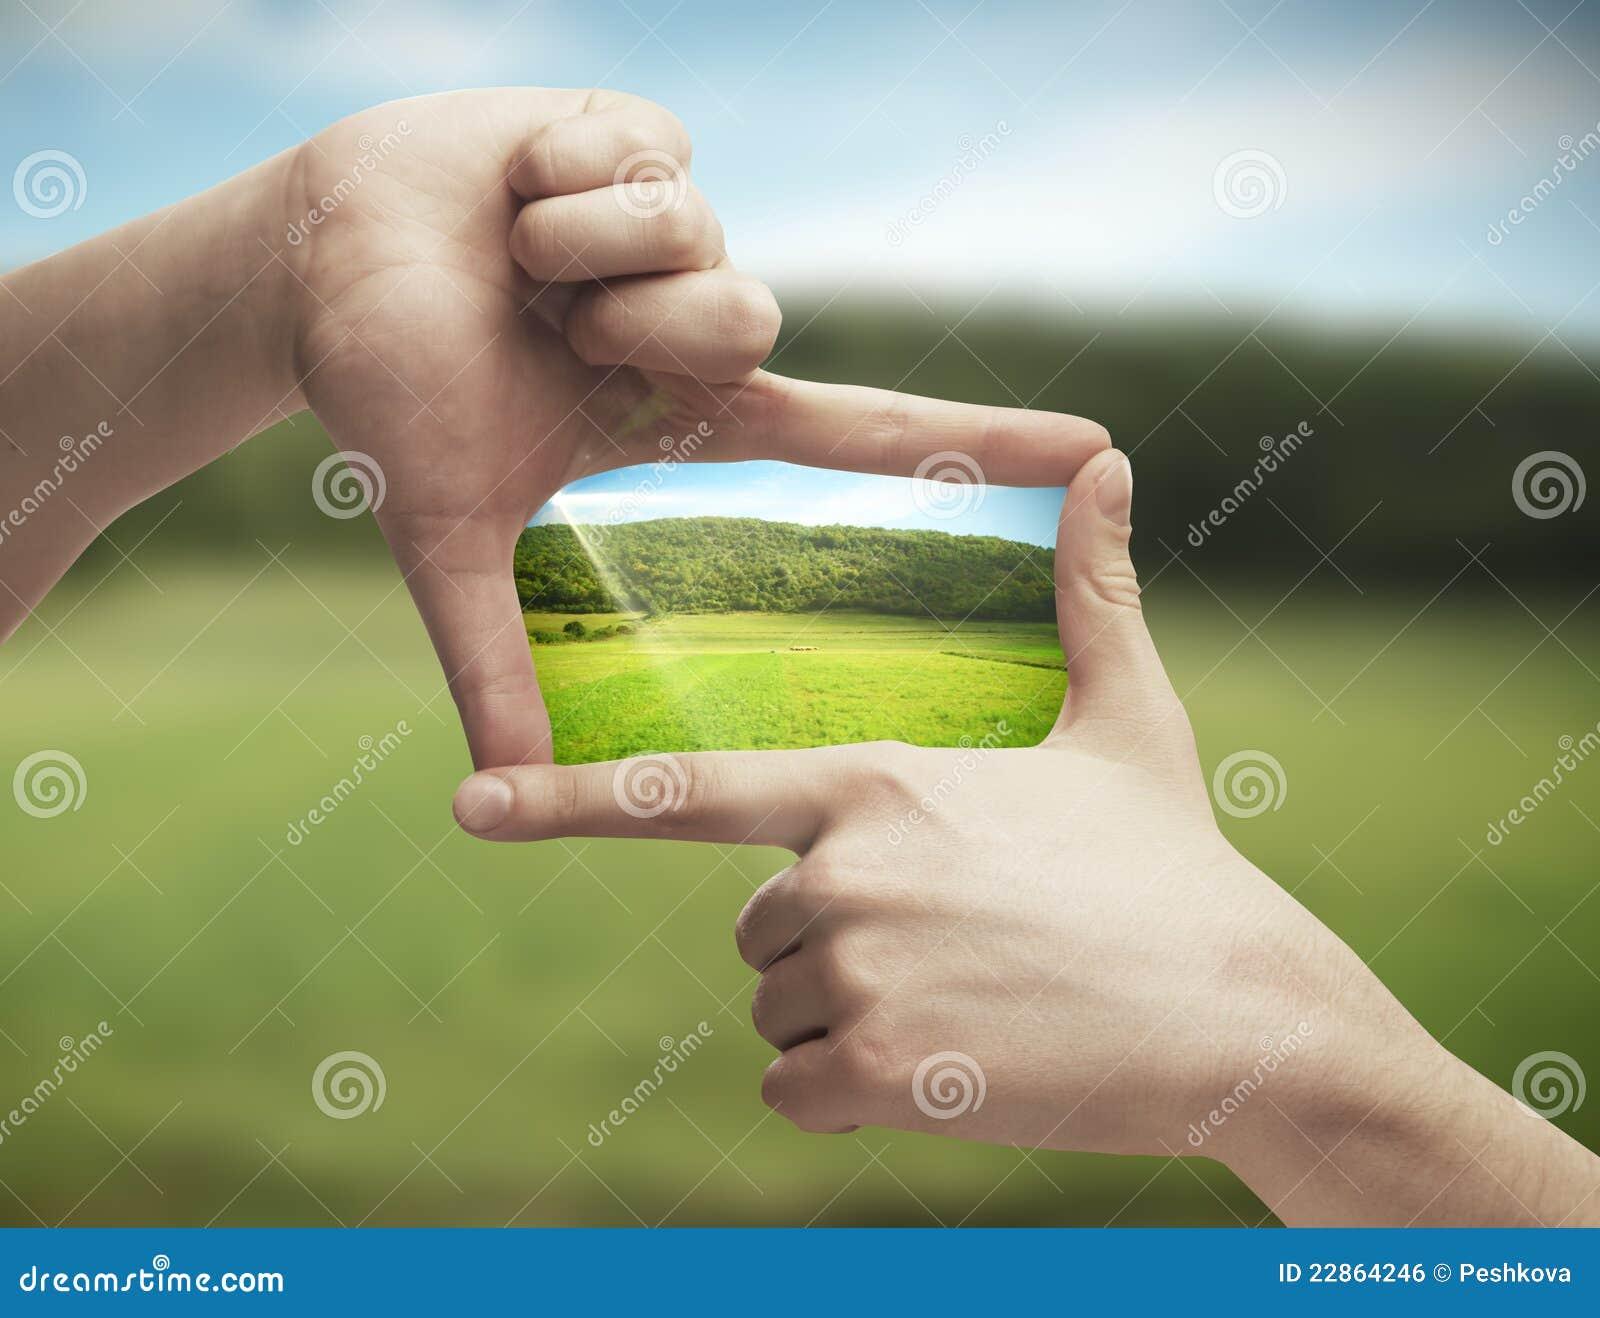 Foto del campo verde en manos